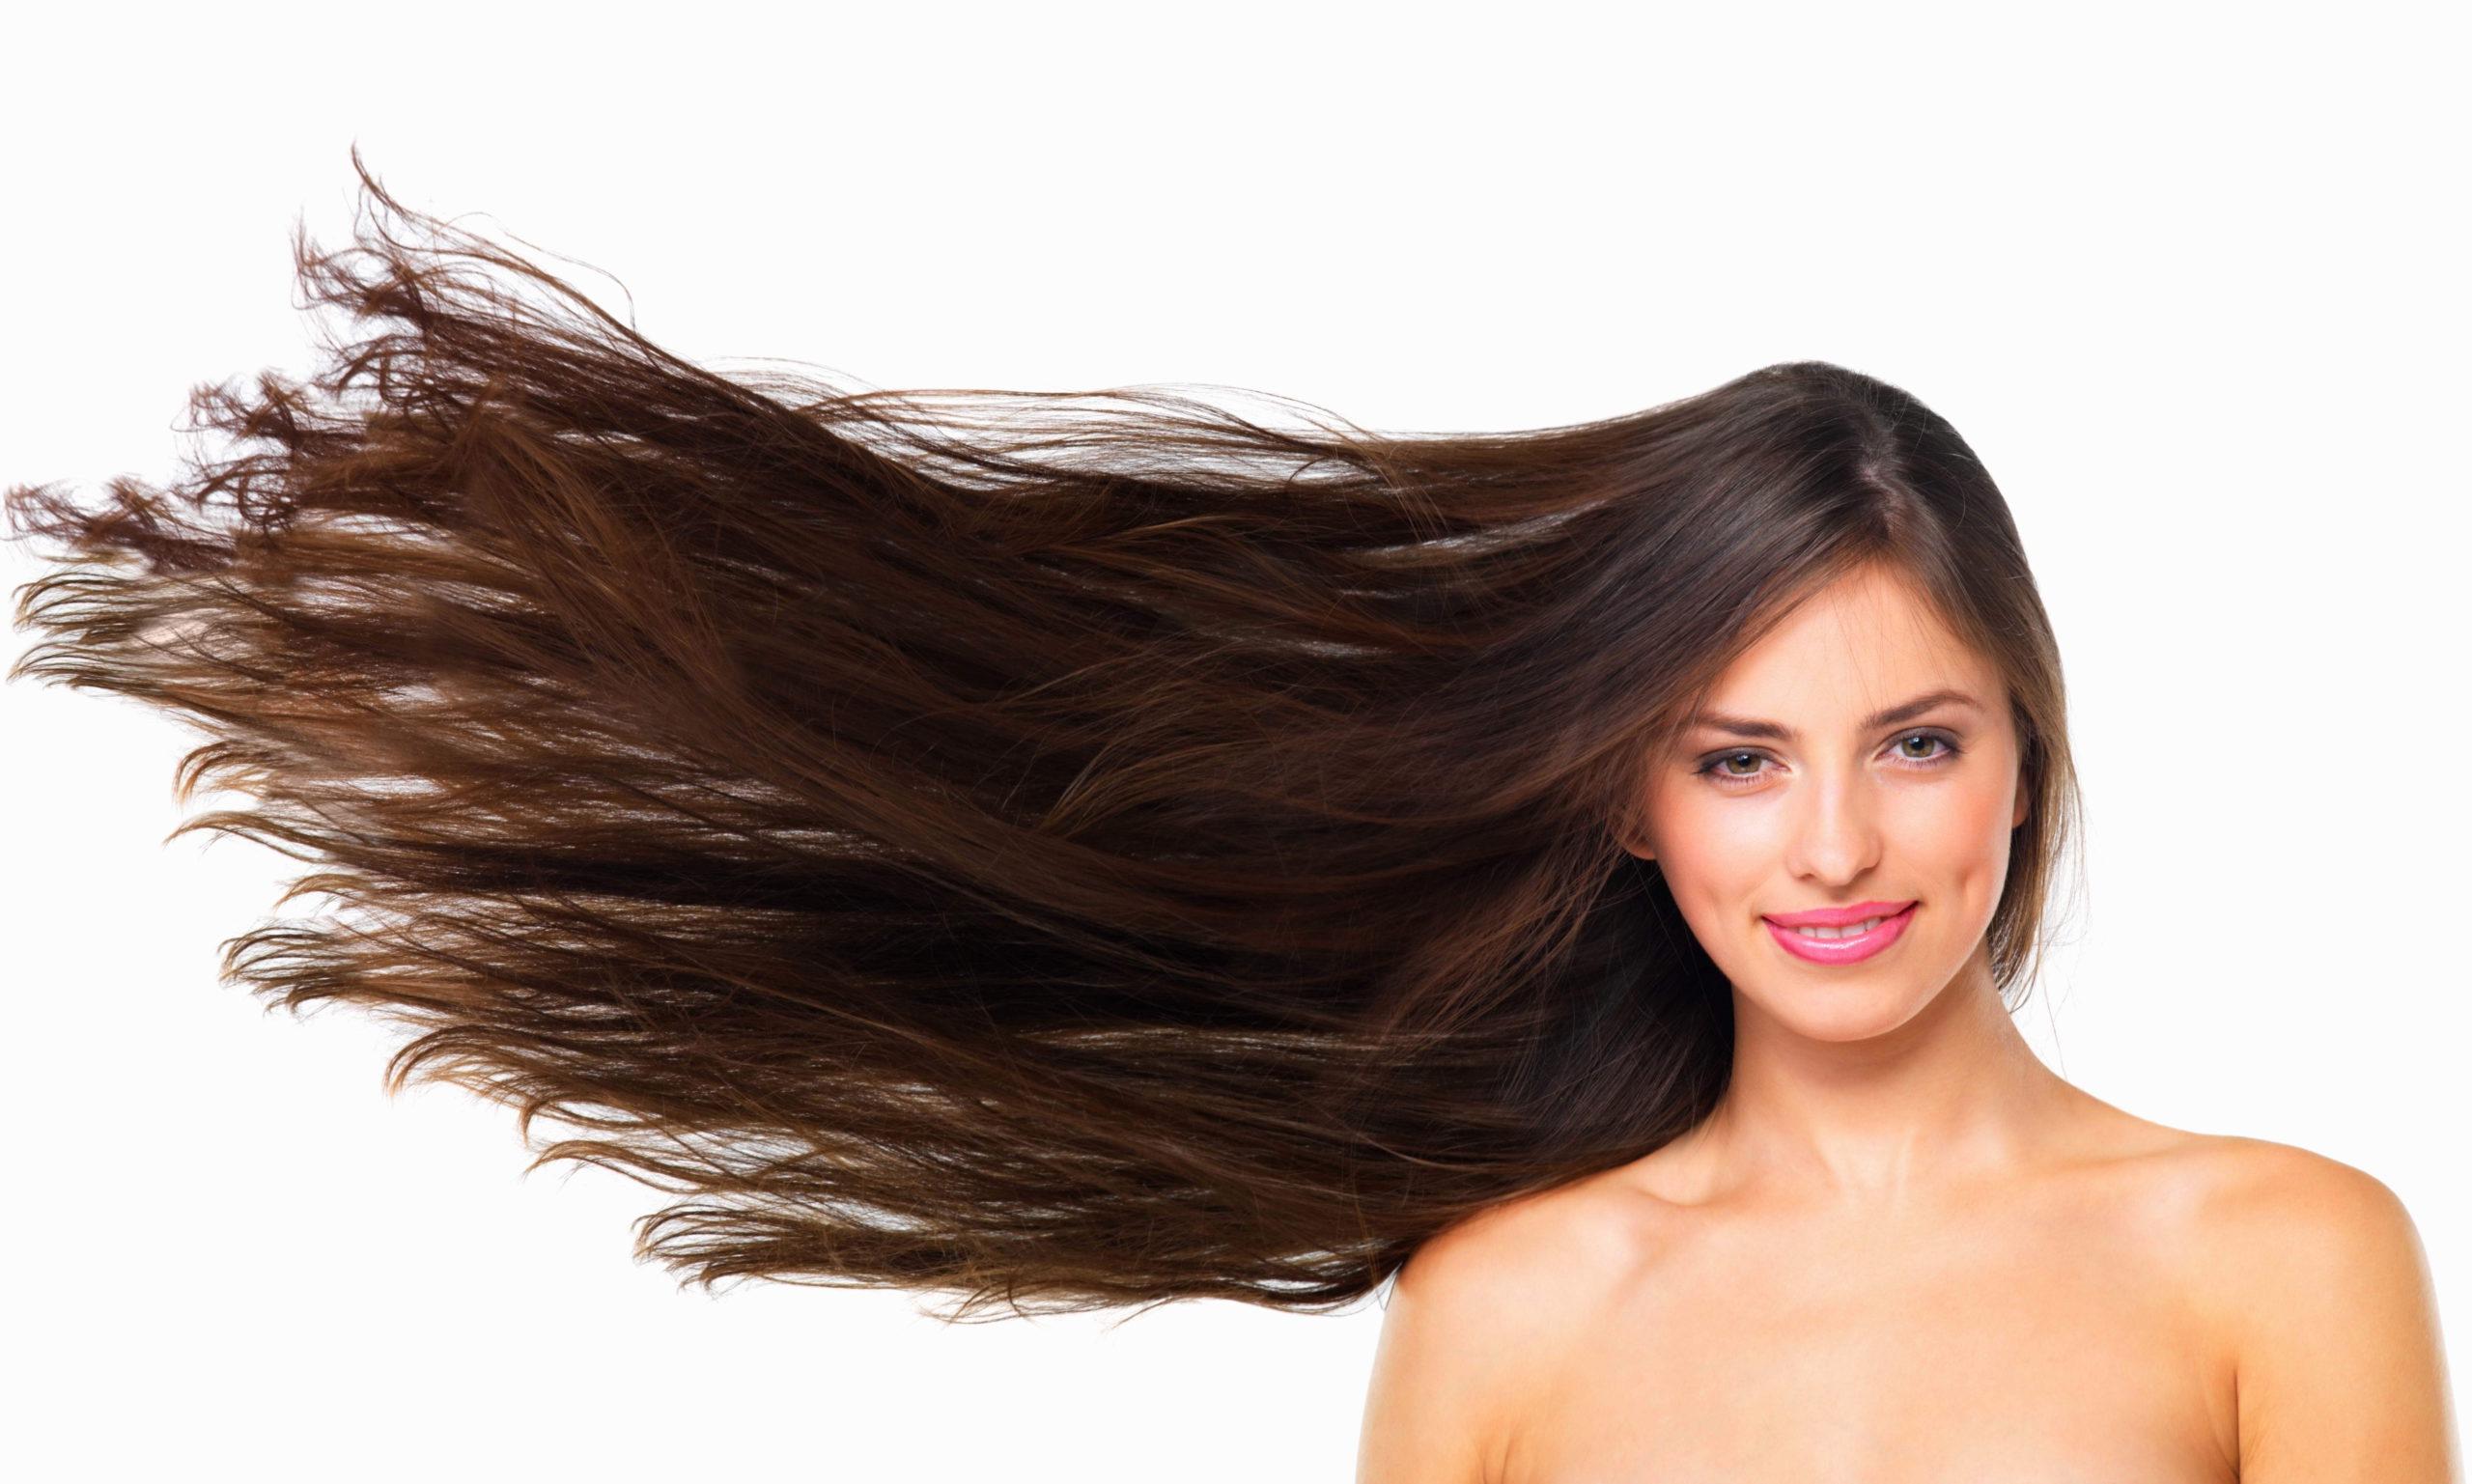 Волосы. Девушка с волосами. Прическа. Длинные волосы.